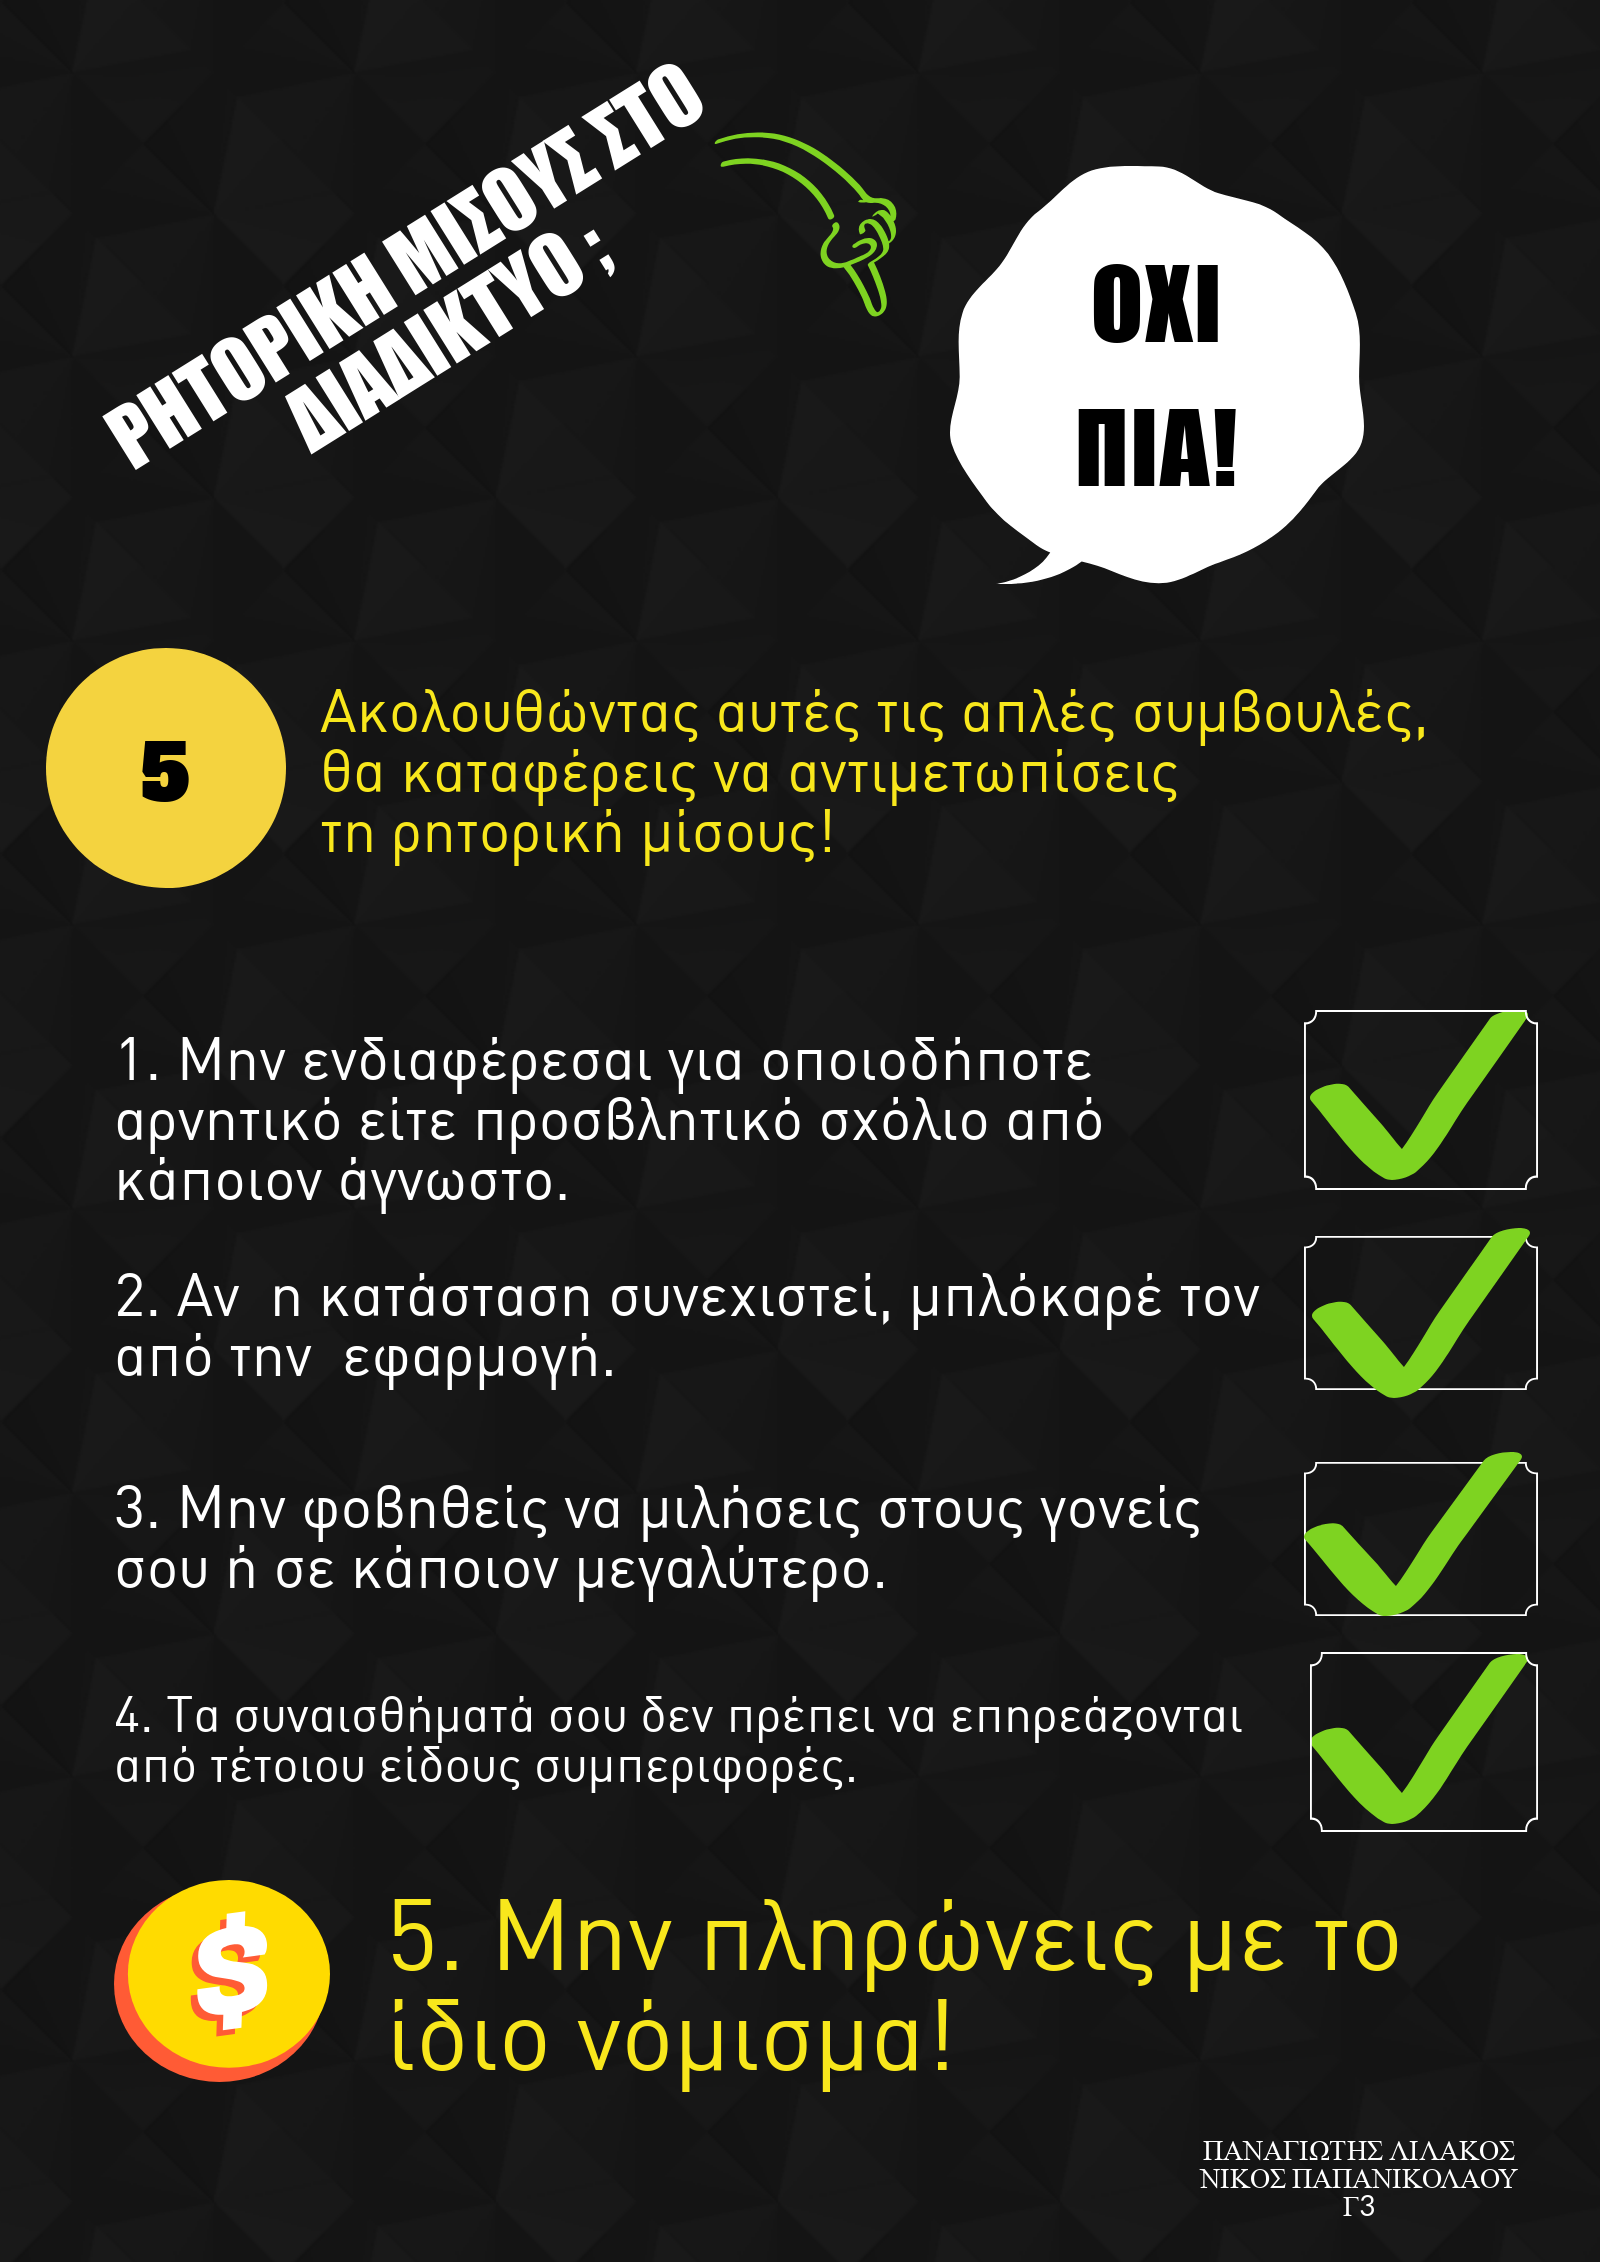 Οι μαθητές του Ελληνικού Τμήματος δημιουργούν αφίσες κατά του ηλεκτρονικού εκφοβισμού-5